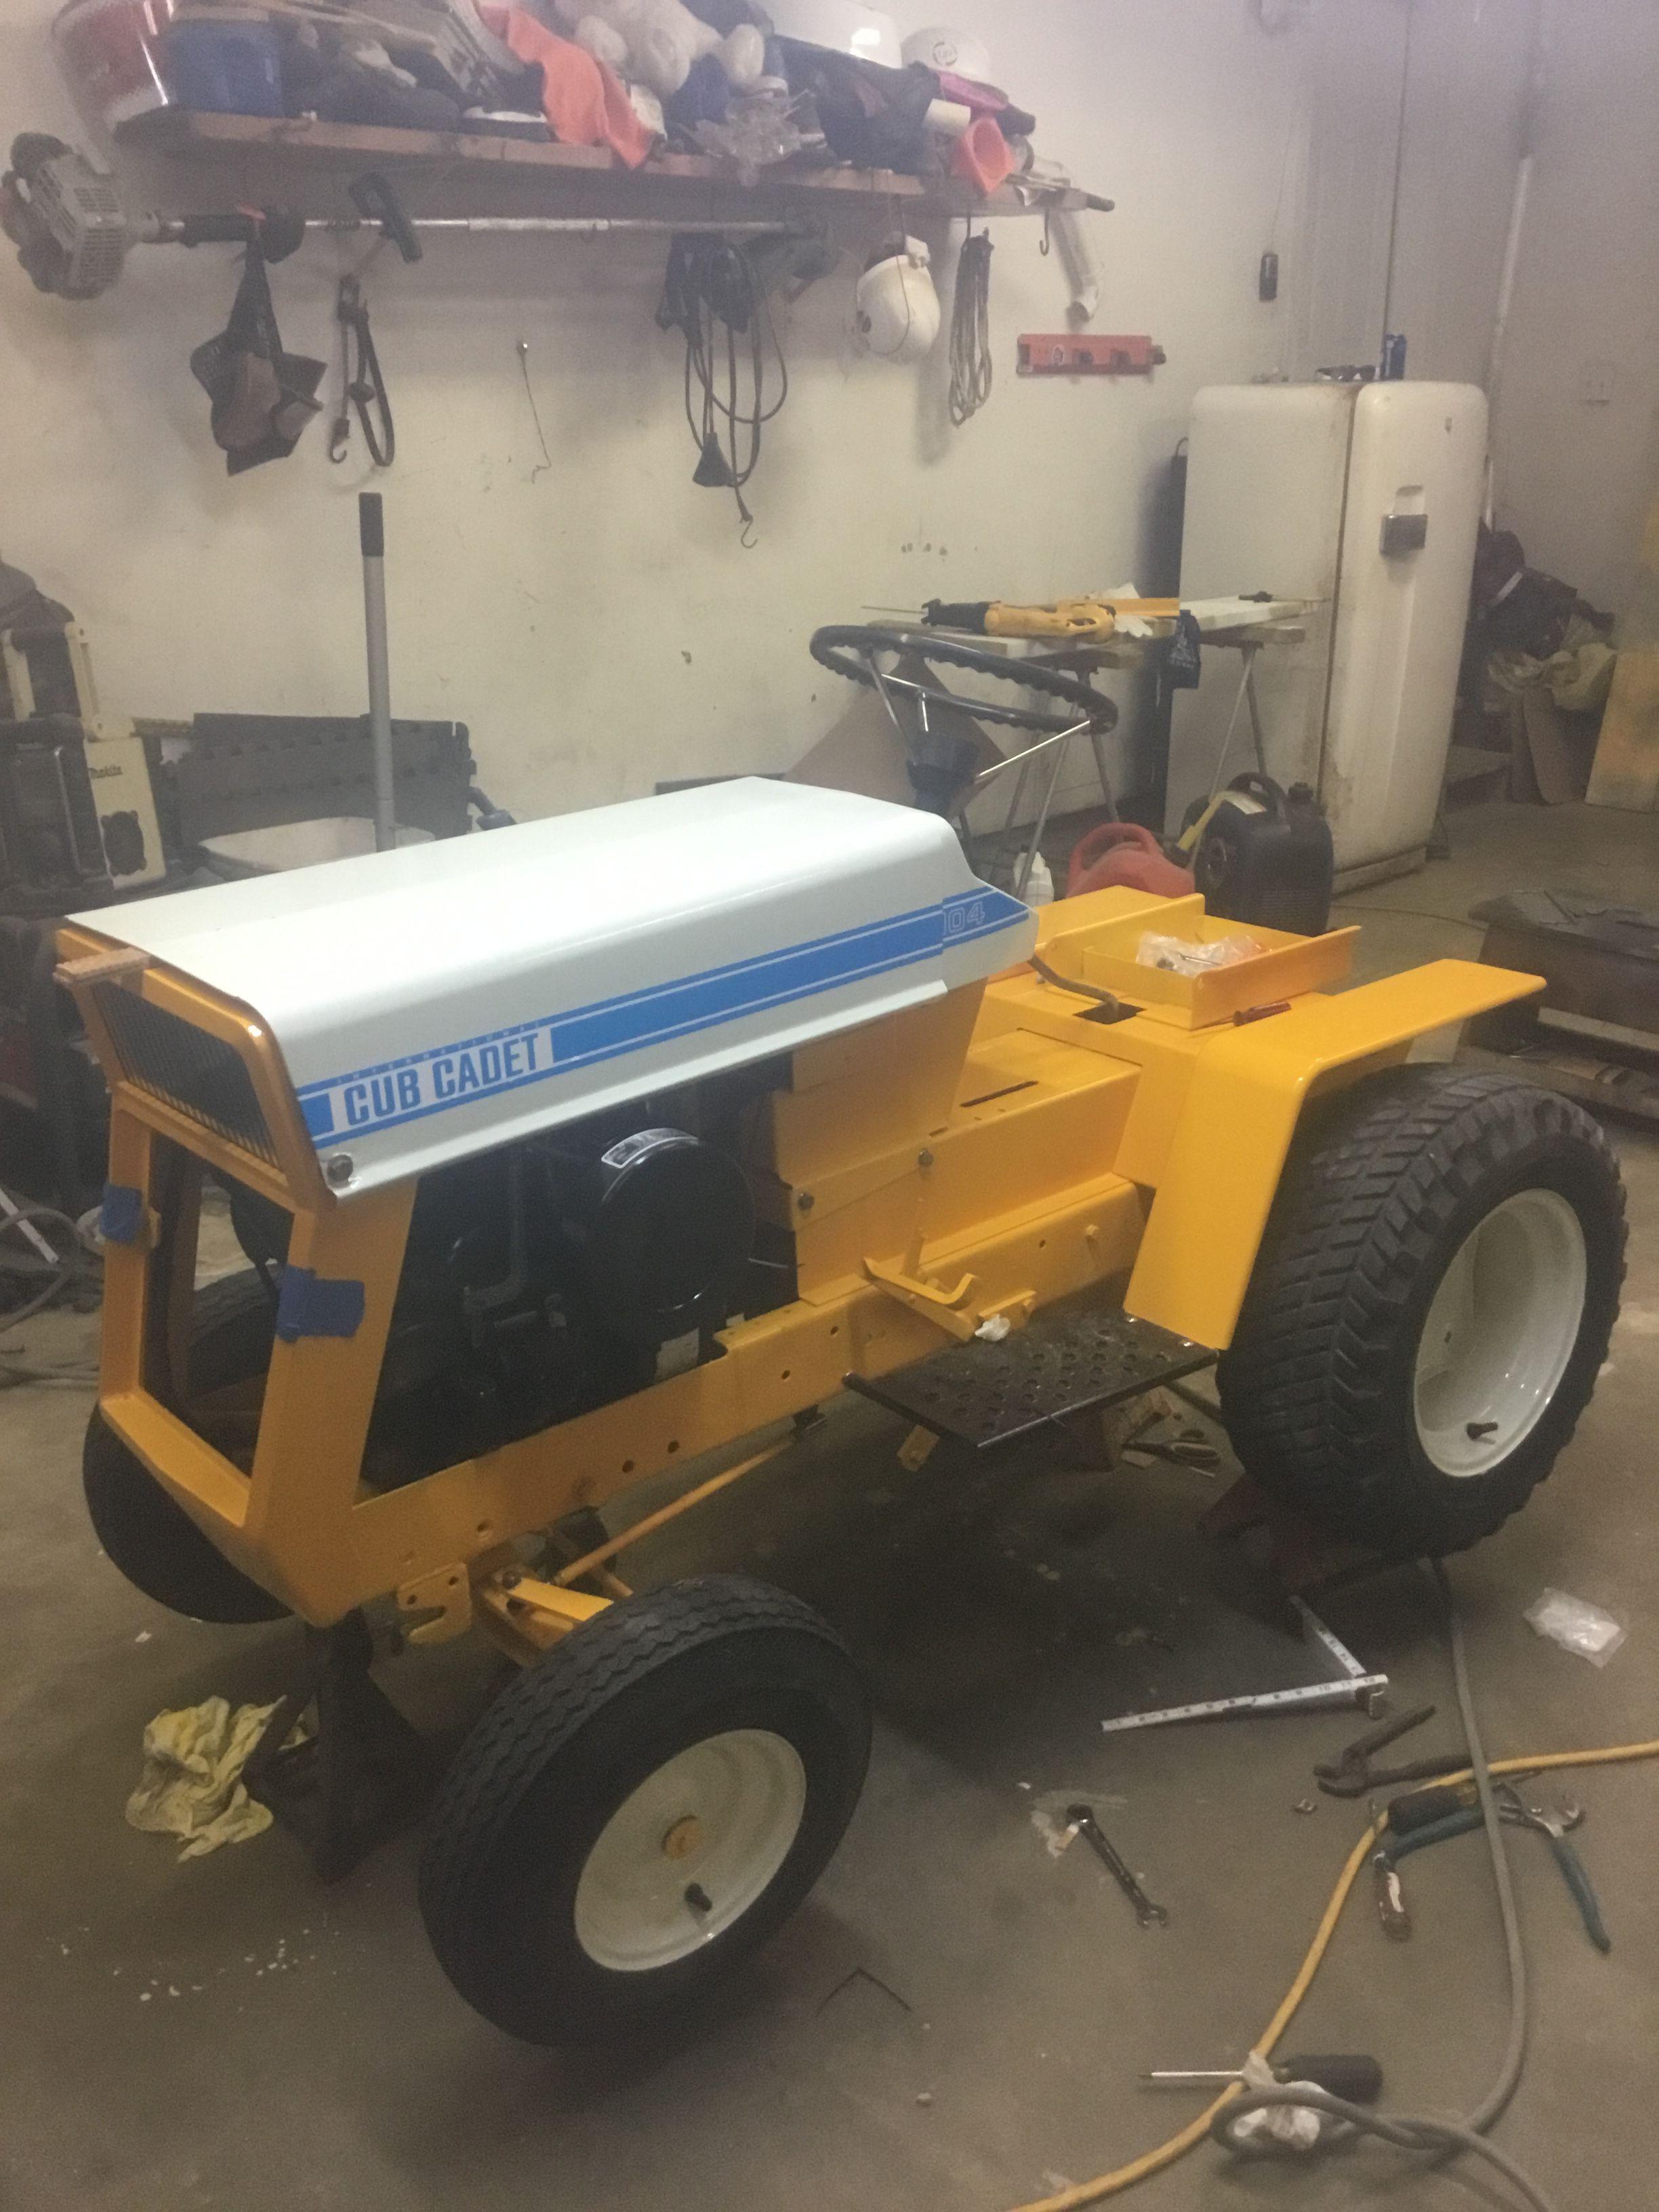 medium resolution of cub cadet 122 tractor w hydraulics snow blower plow 48 mower tiller creeper tony b cub cadet garden tractors for sale tractors